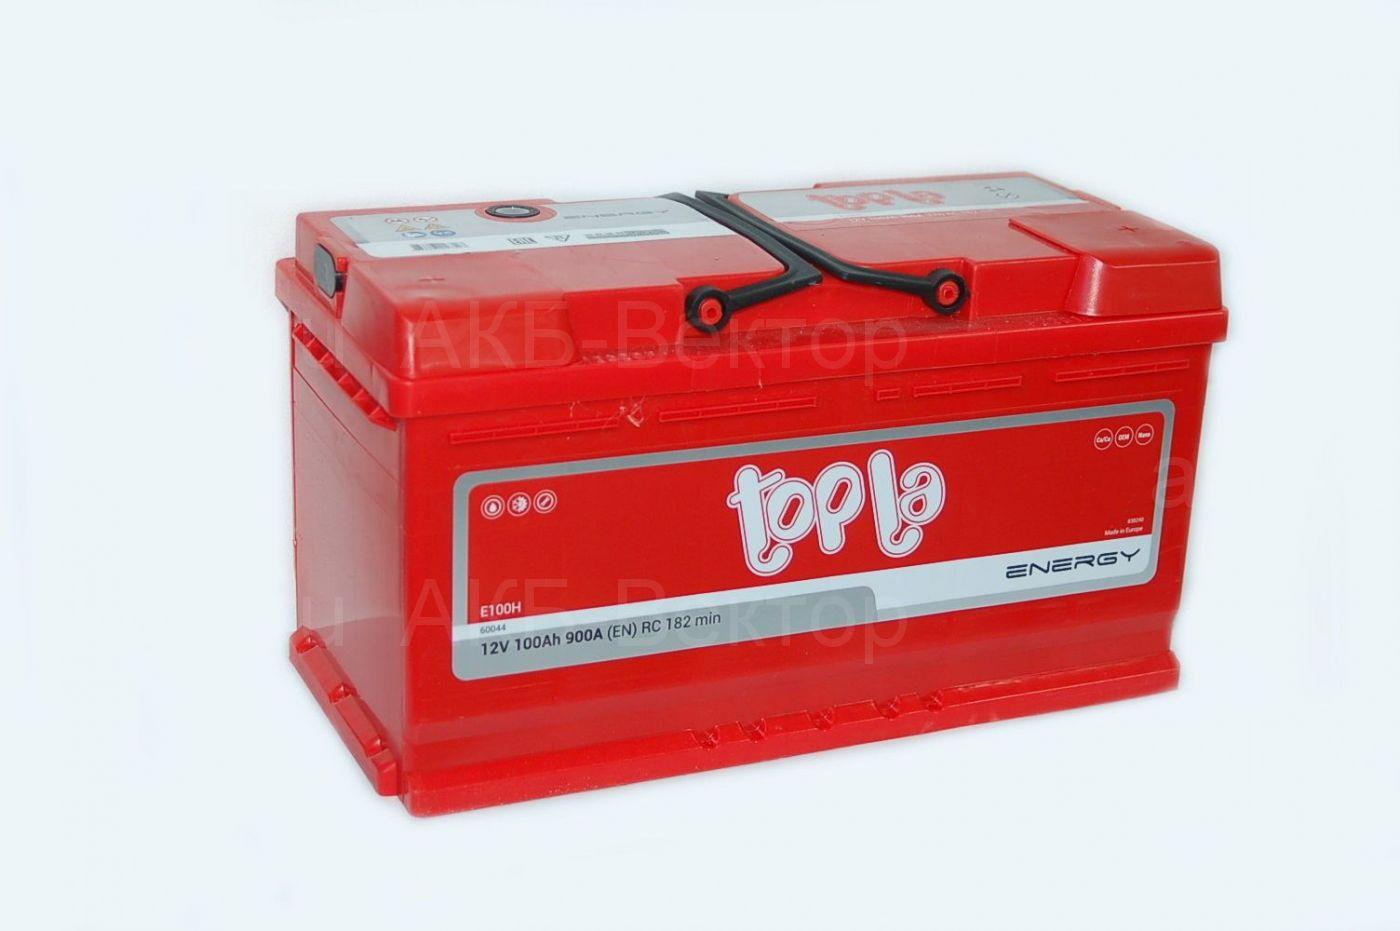 Topla Energy 100Ач 900А (EN) (108400)